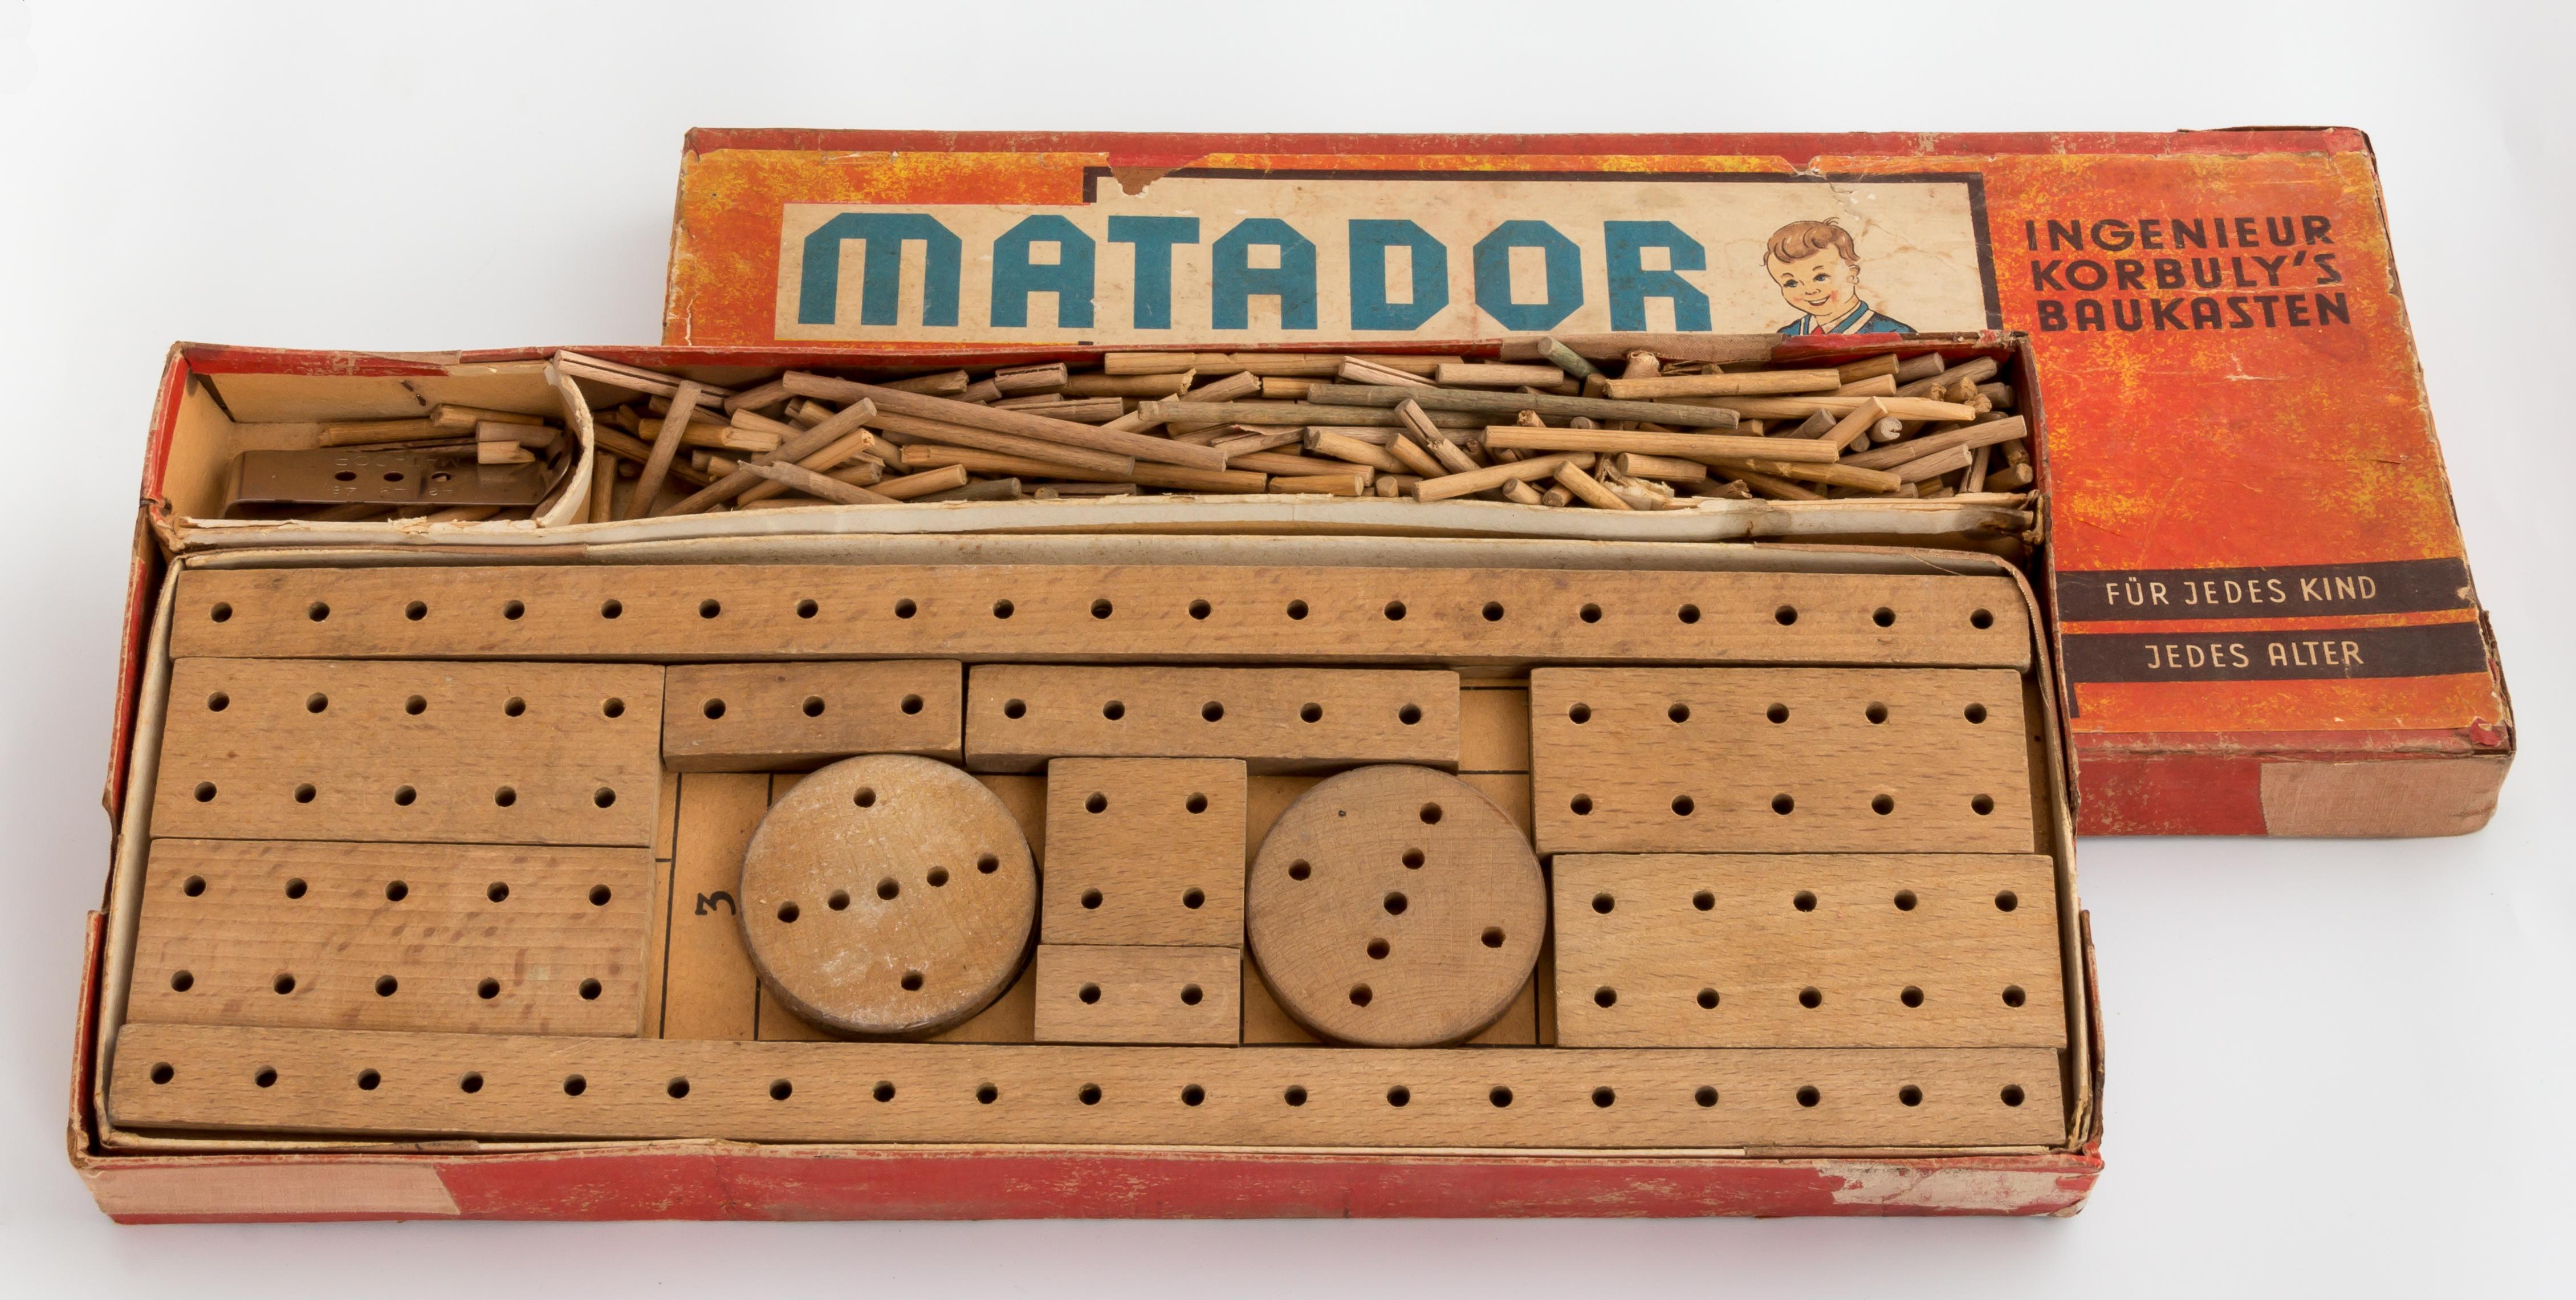 matador holzbaukasten